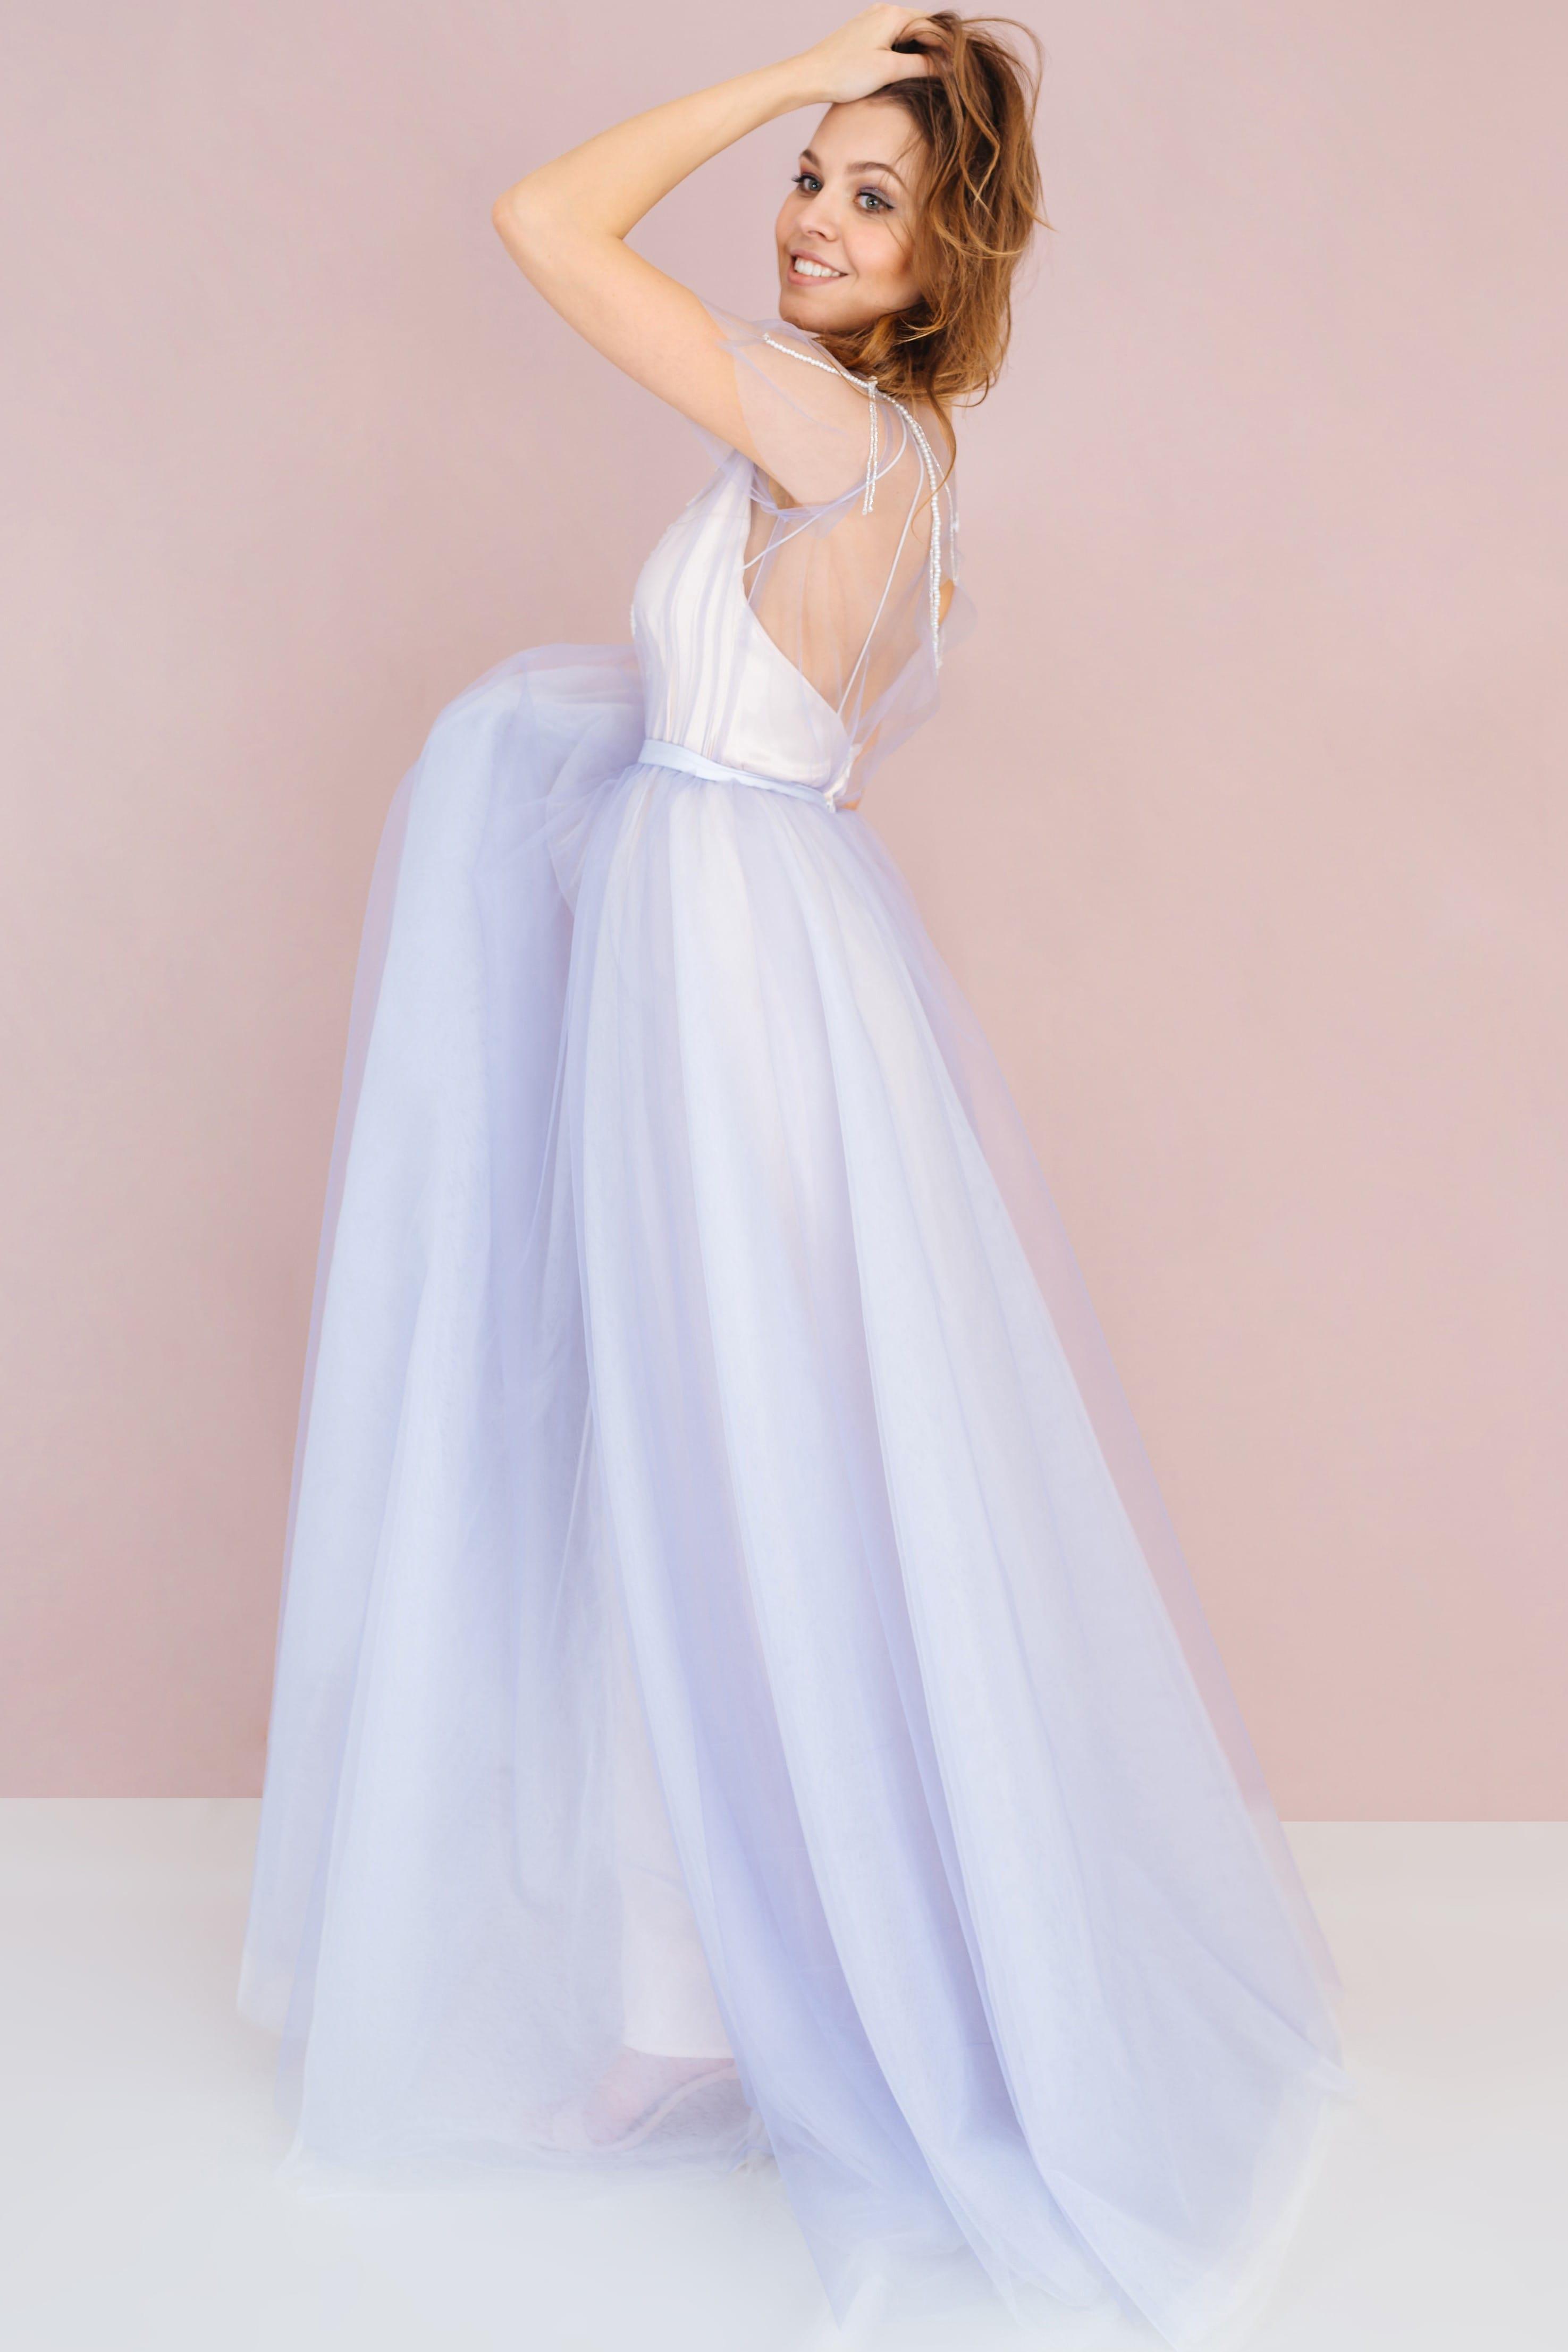 Свадебное платье SOFFY, коллекция LOFT, бренд RARE BRIDAL, фото 5